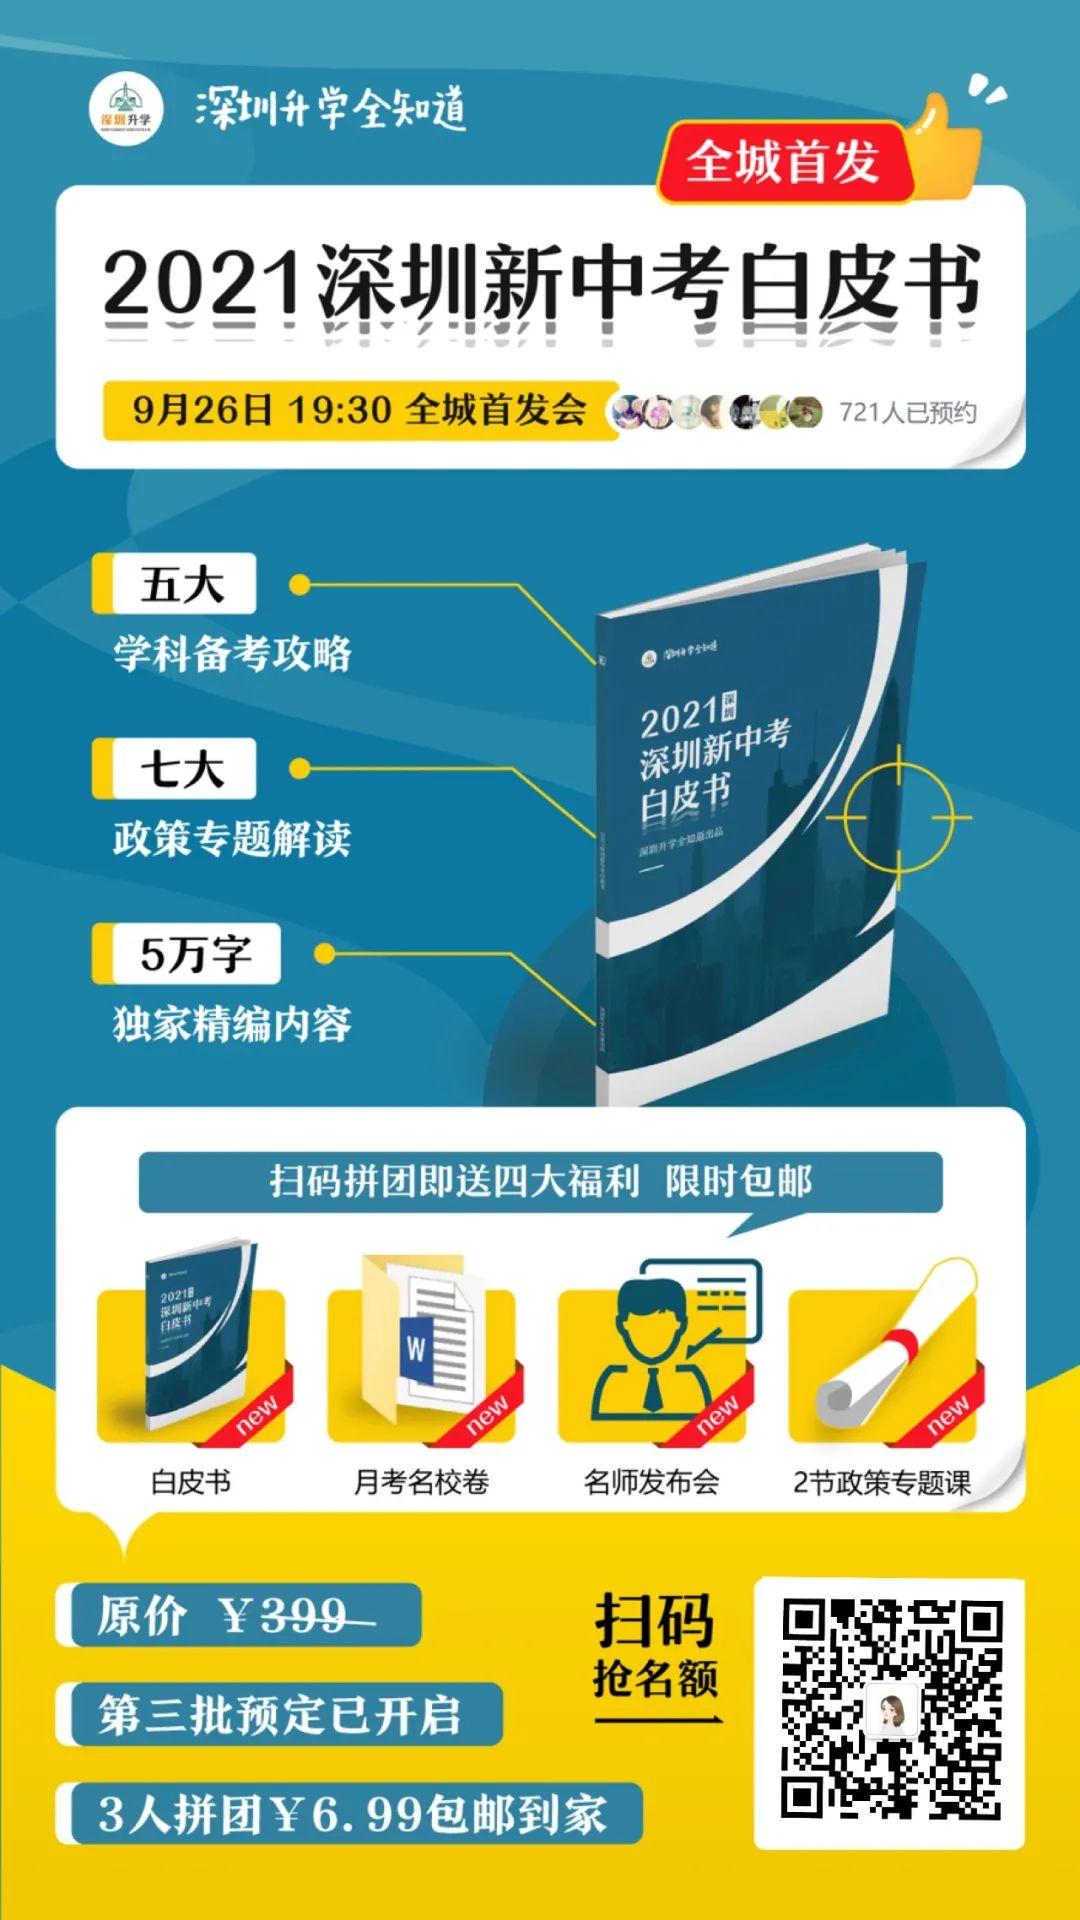 2021深圳新中考白皮书火热预约领取中